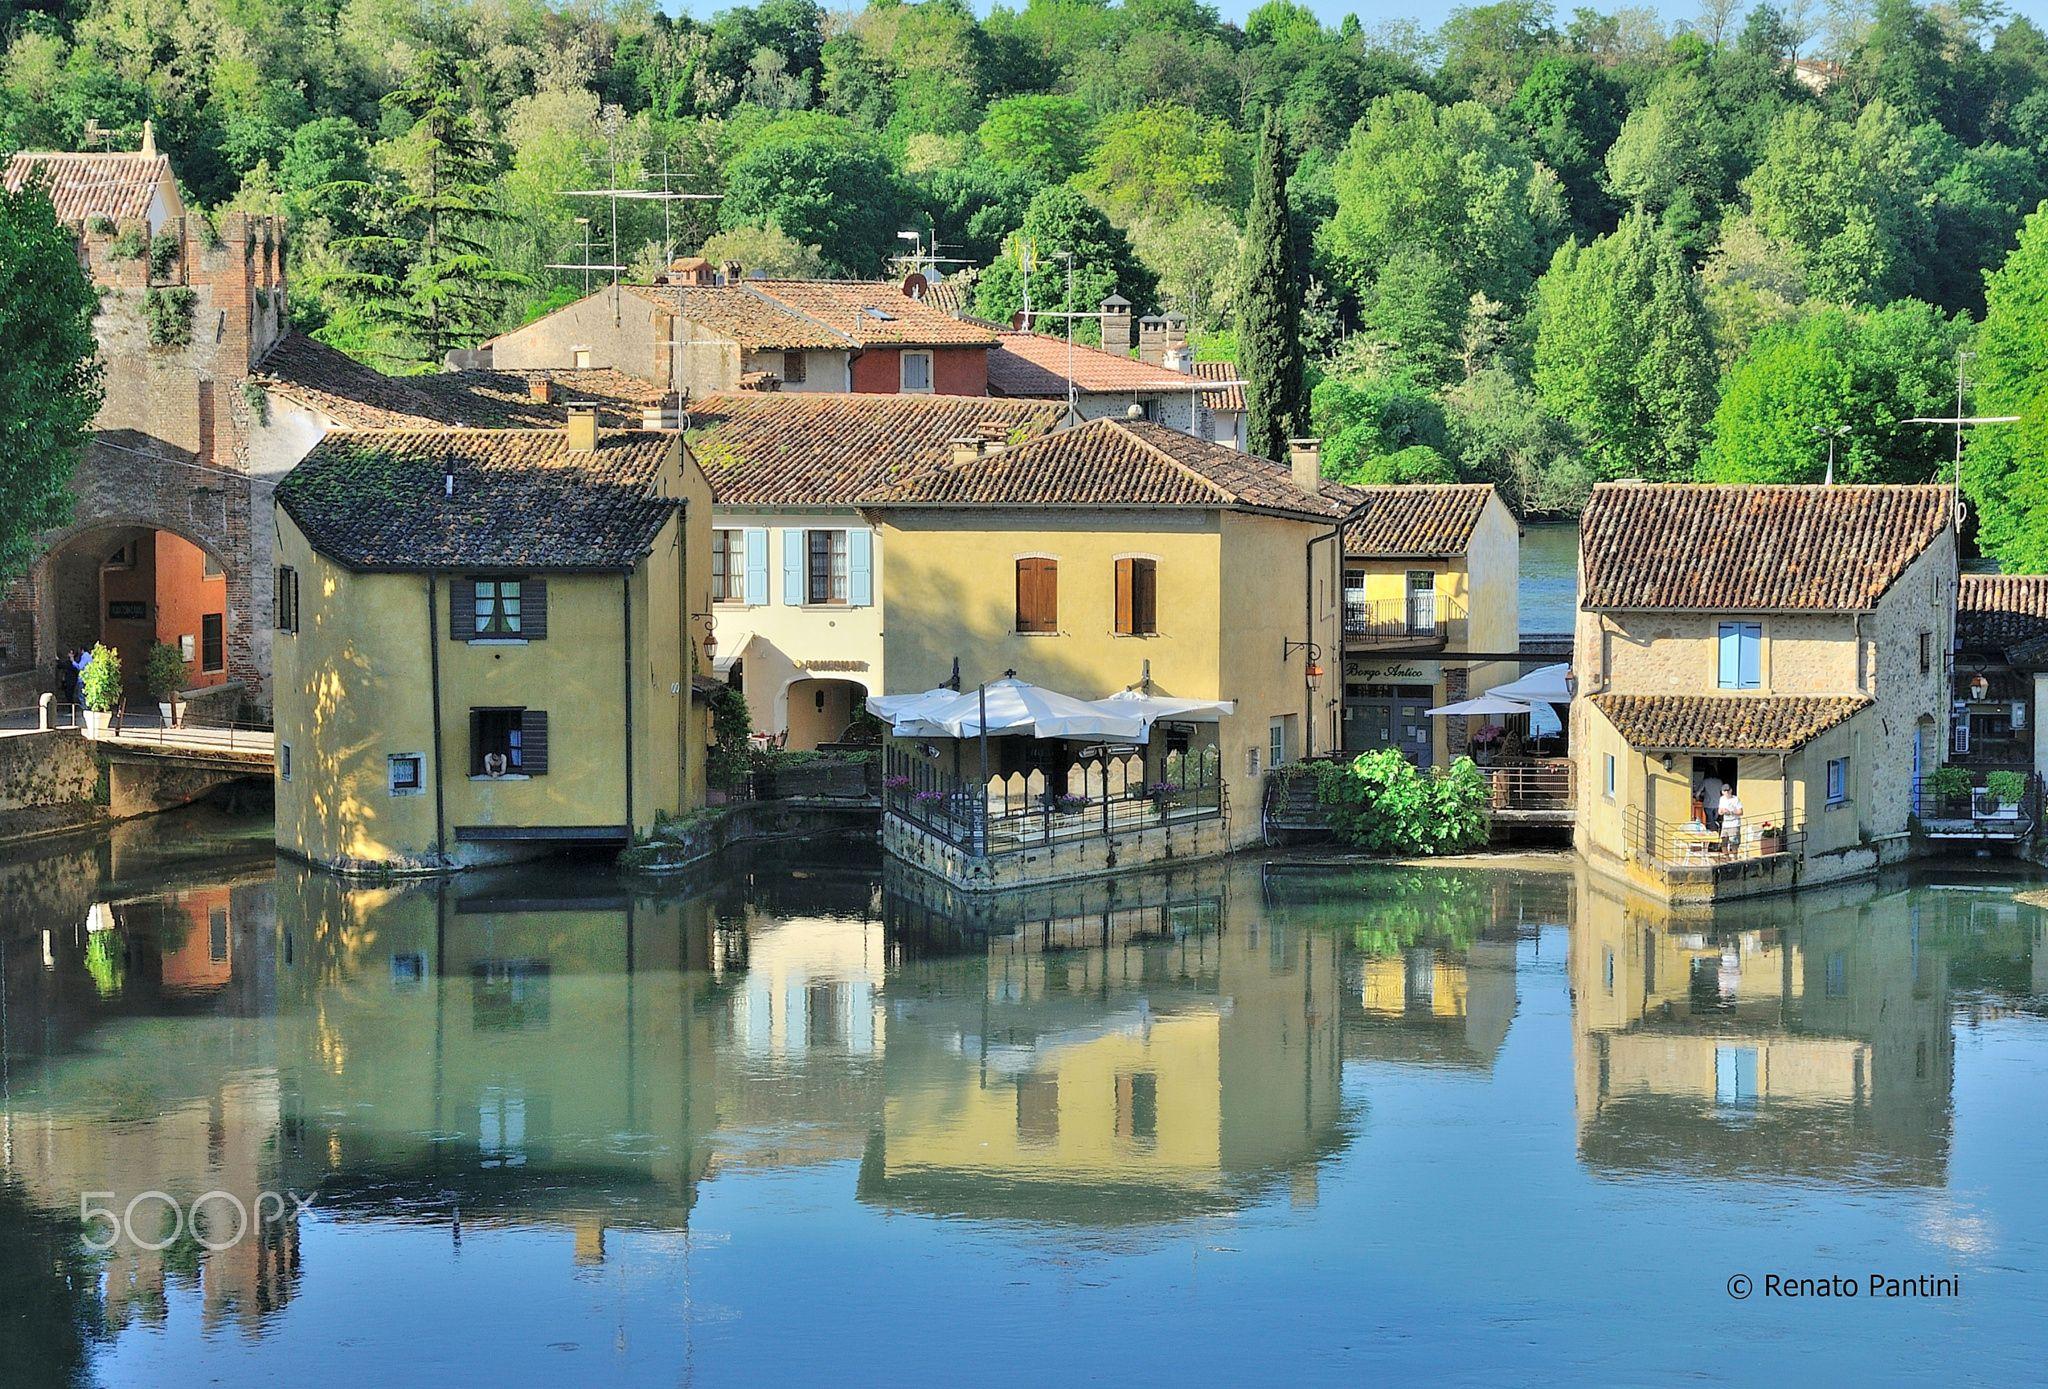 Borghetto sul Mincio... - Taken in Borghetto, (Valeggio sul Mincio, Veneto, Italy)